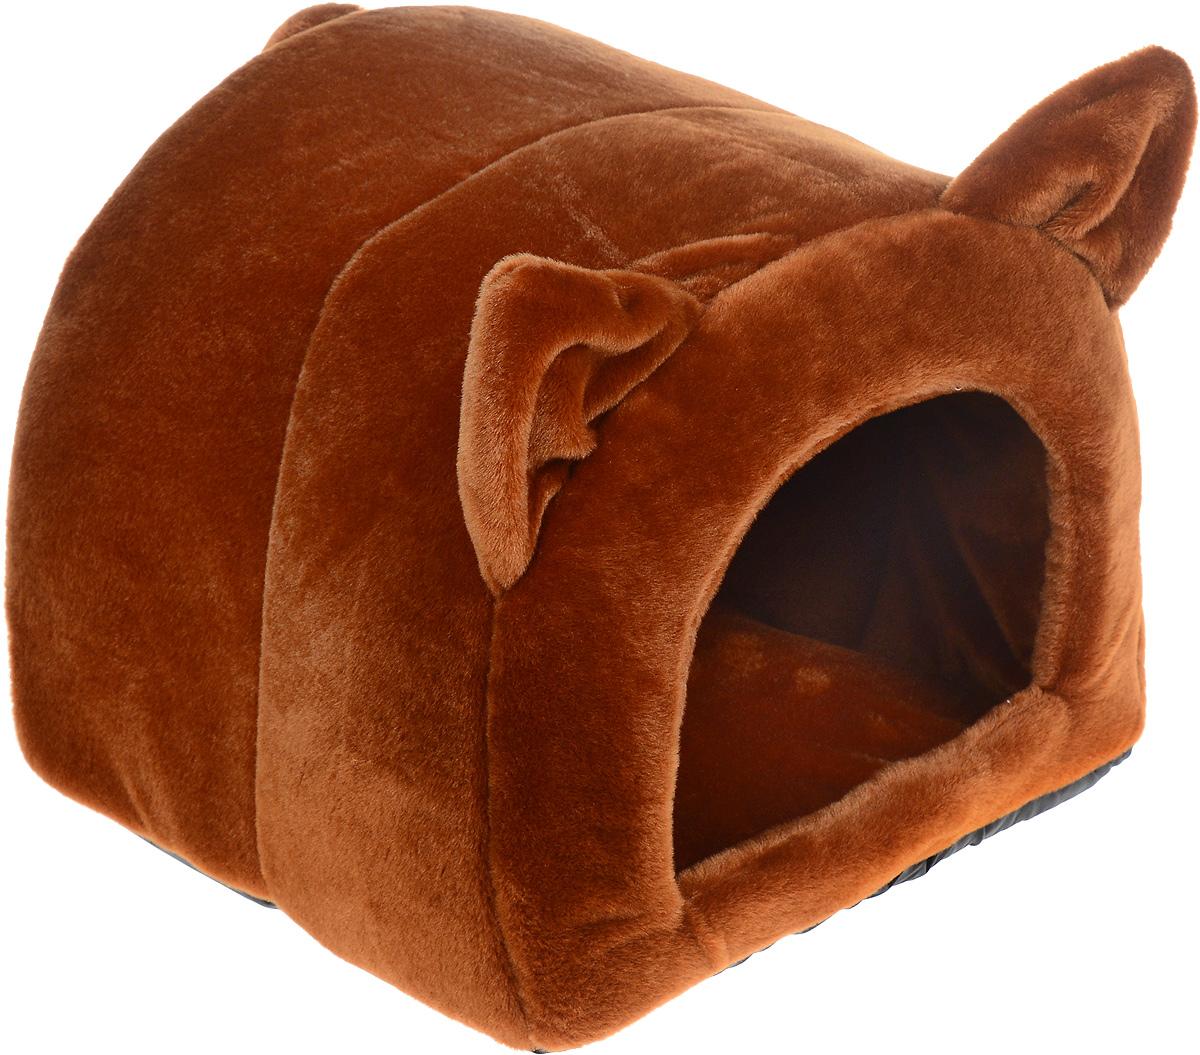 Домик-лежанка Зоомарк Ушастик, цвет: коричневый, 44 х 40 х 36 смДг-06000_темно-коричневый, полоскаДомик-лежанка Зоомарк Ушастик, выполненный из плюша, с непревзойденным дизайном предназначен для кошек и мелких собак. Очень удобен и вместителен. Изделие гармонично украсит интерьер, подчеркнет вашу индивидуальность и будет радовать вас и вашего питомца.